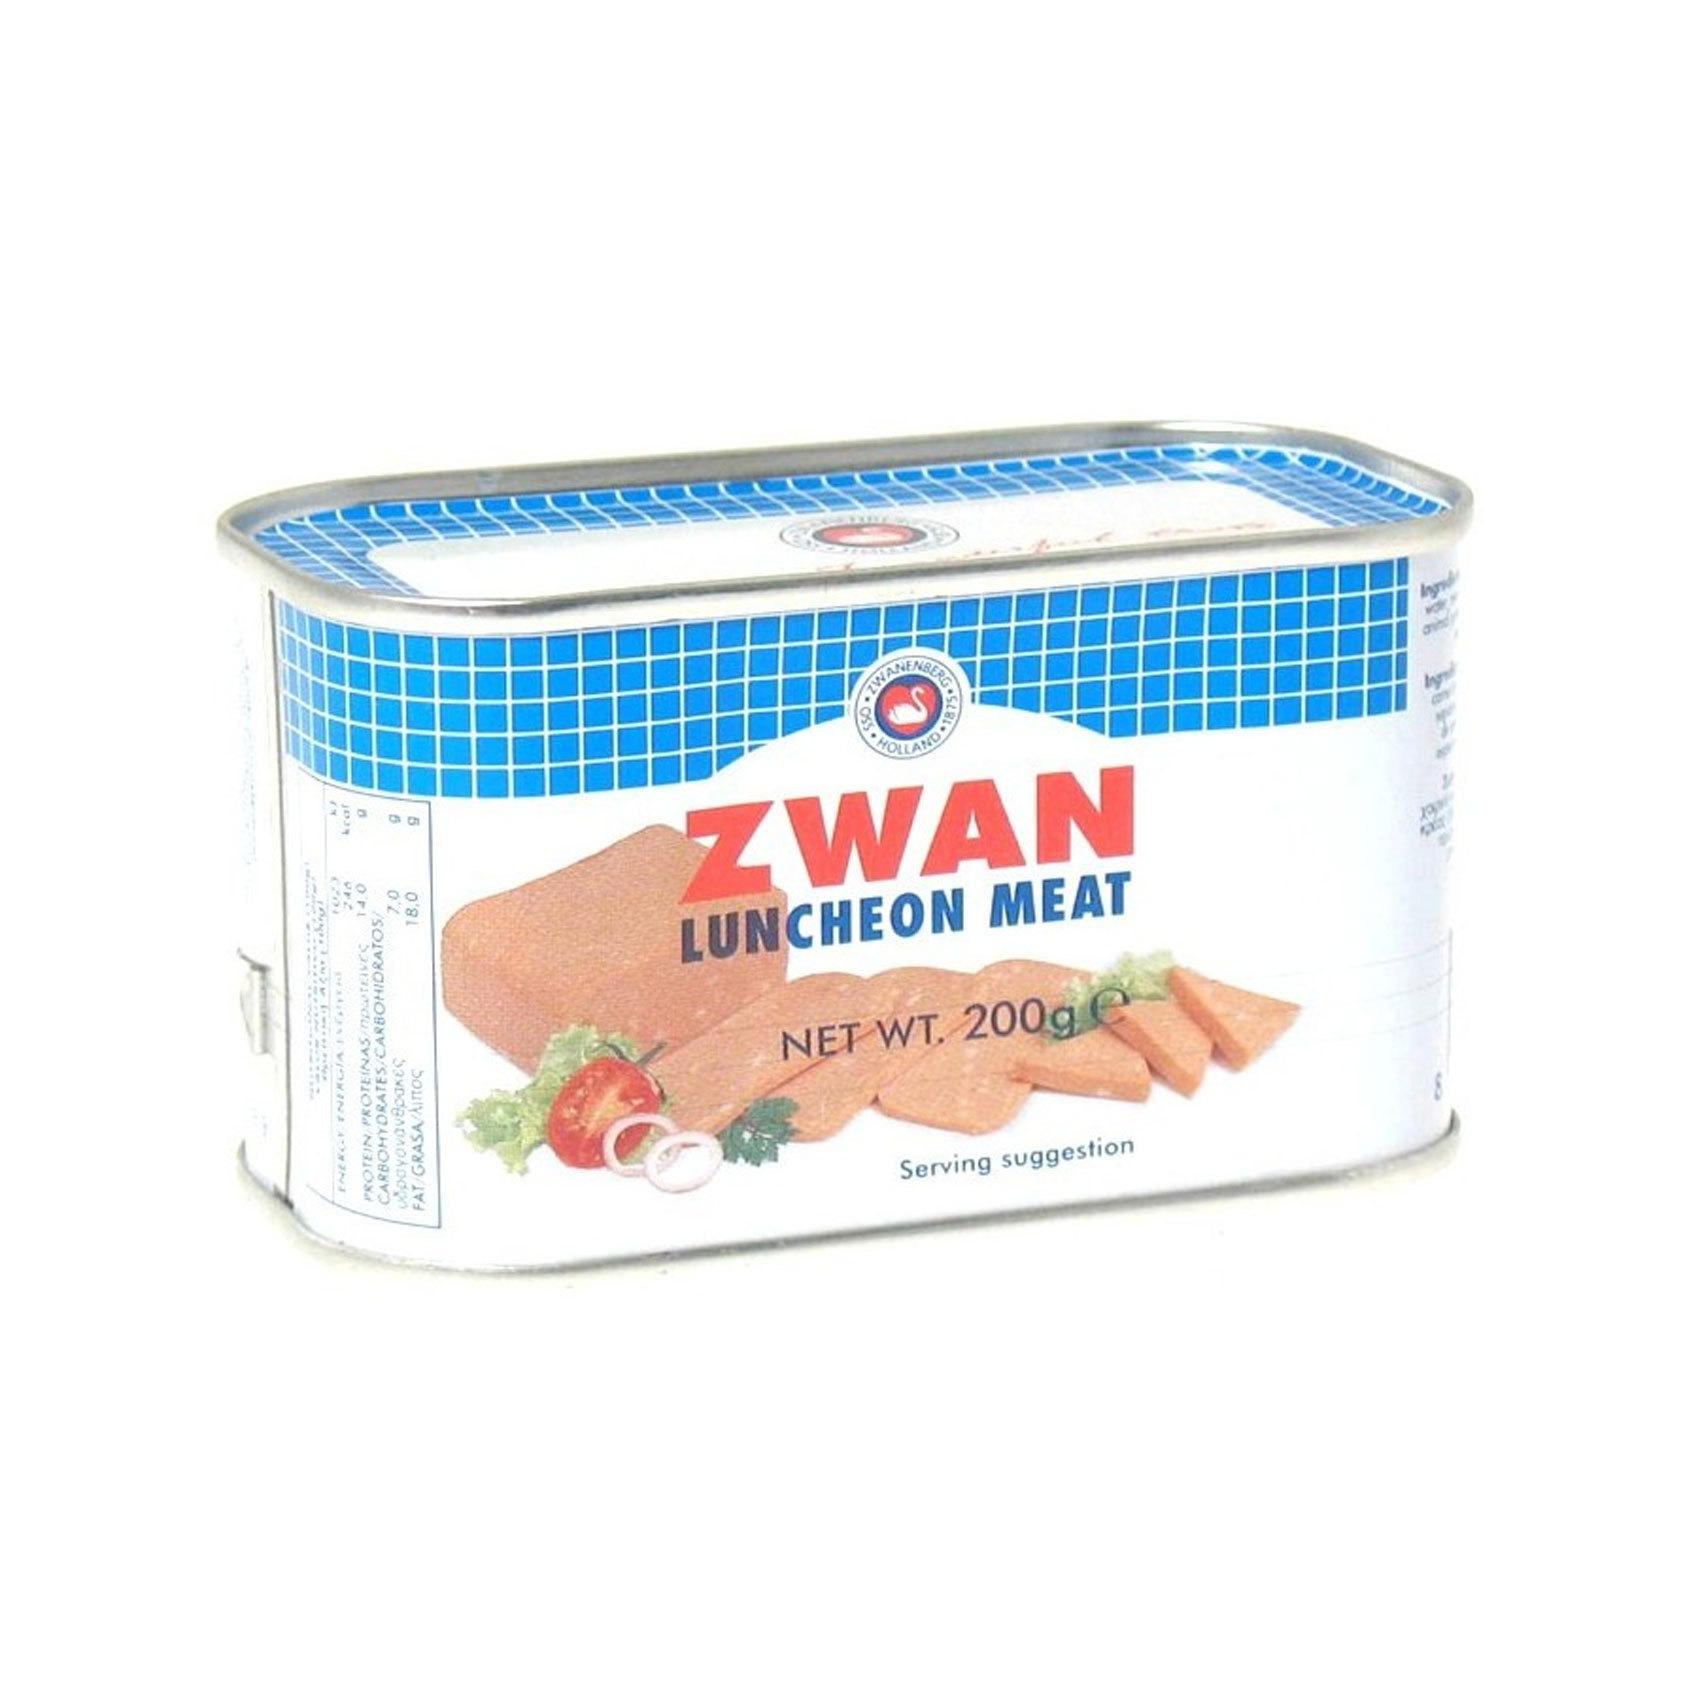 ZWAN LUNCHEON MEAT CHICKEN H/S 200G